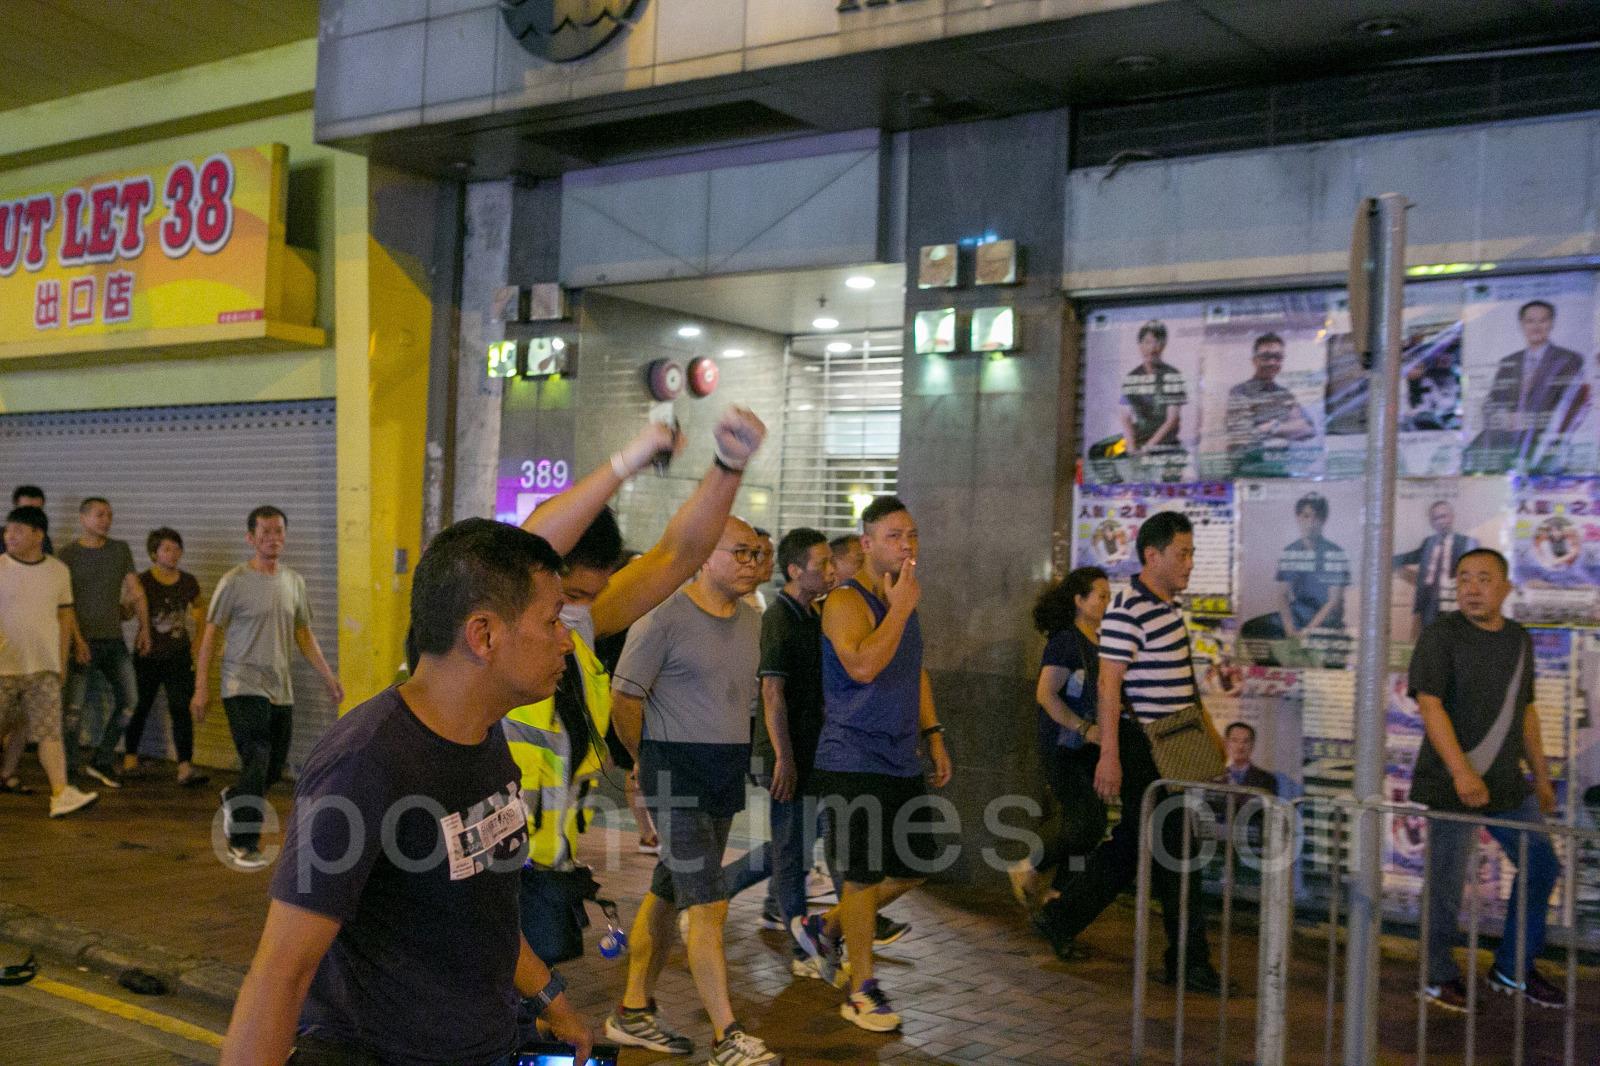 9月15日,在香港砲台山發生撐警的福建幫製造事端,毆打一般民眾,警察特意放走製造事端者的事件,圖為製造事端的福建幫成員。(楊家豪/大紀元)